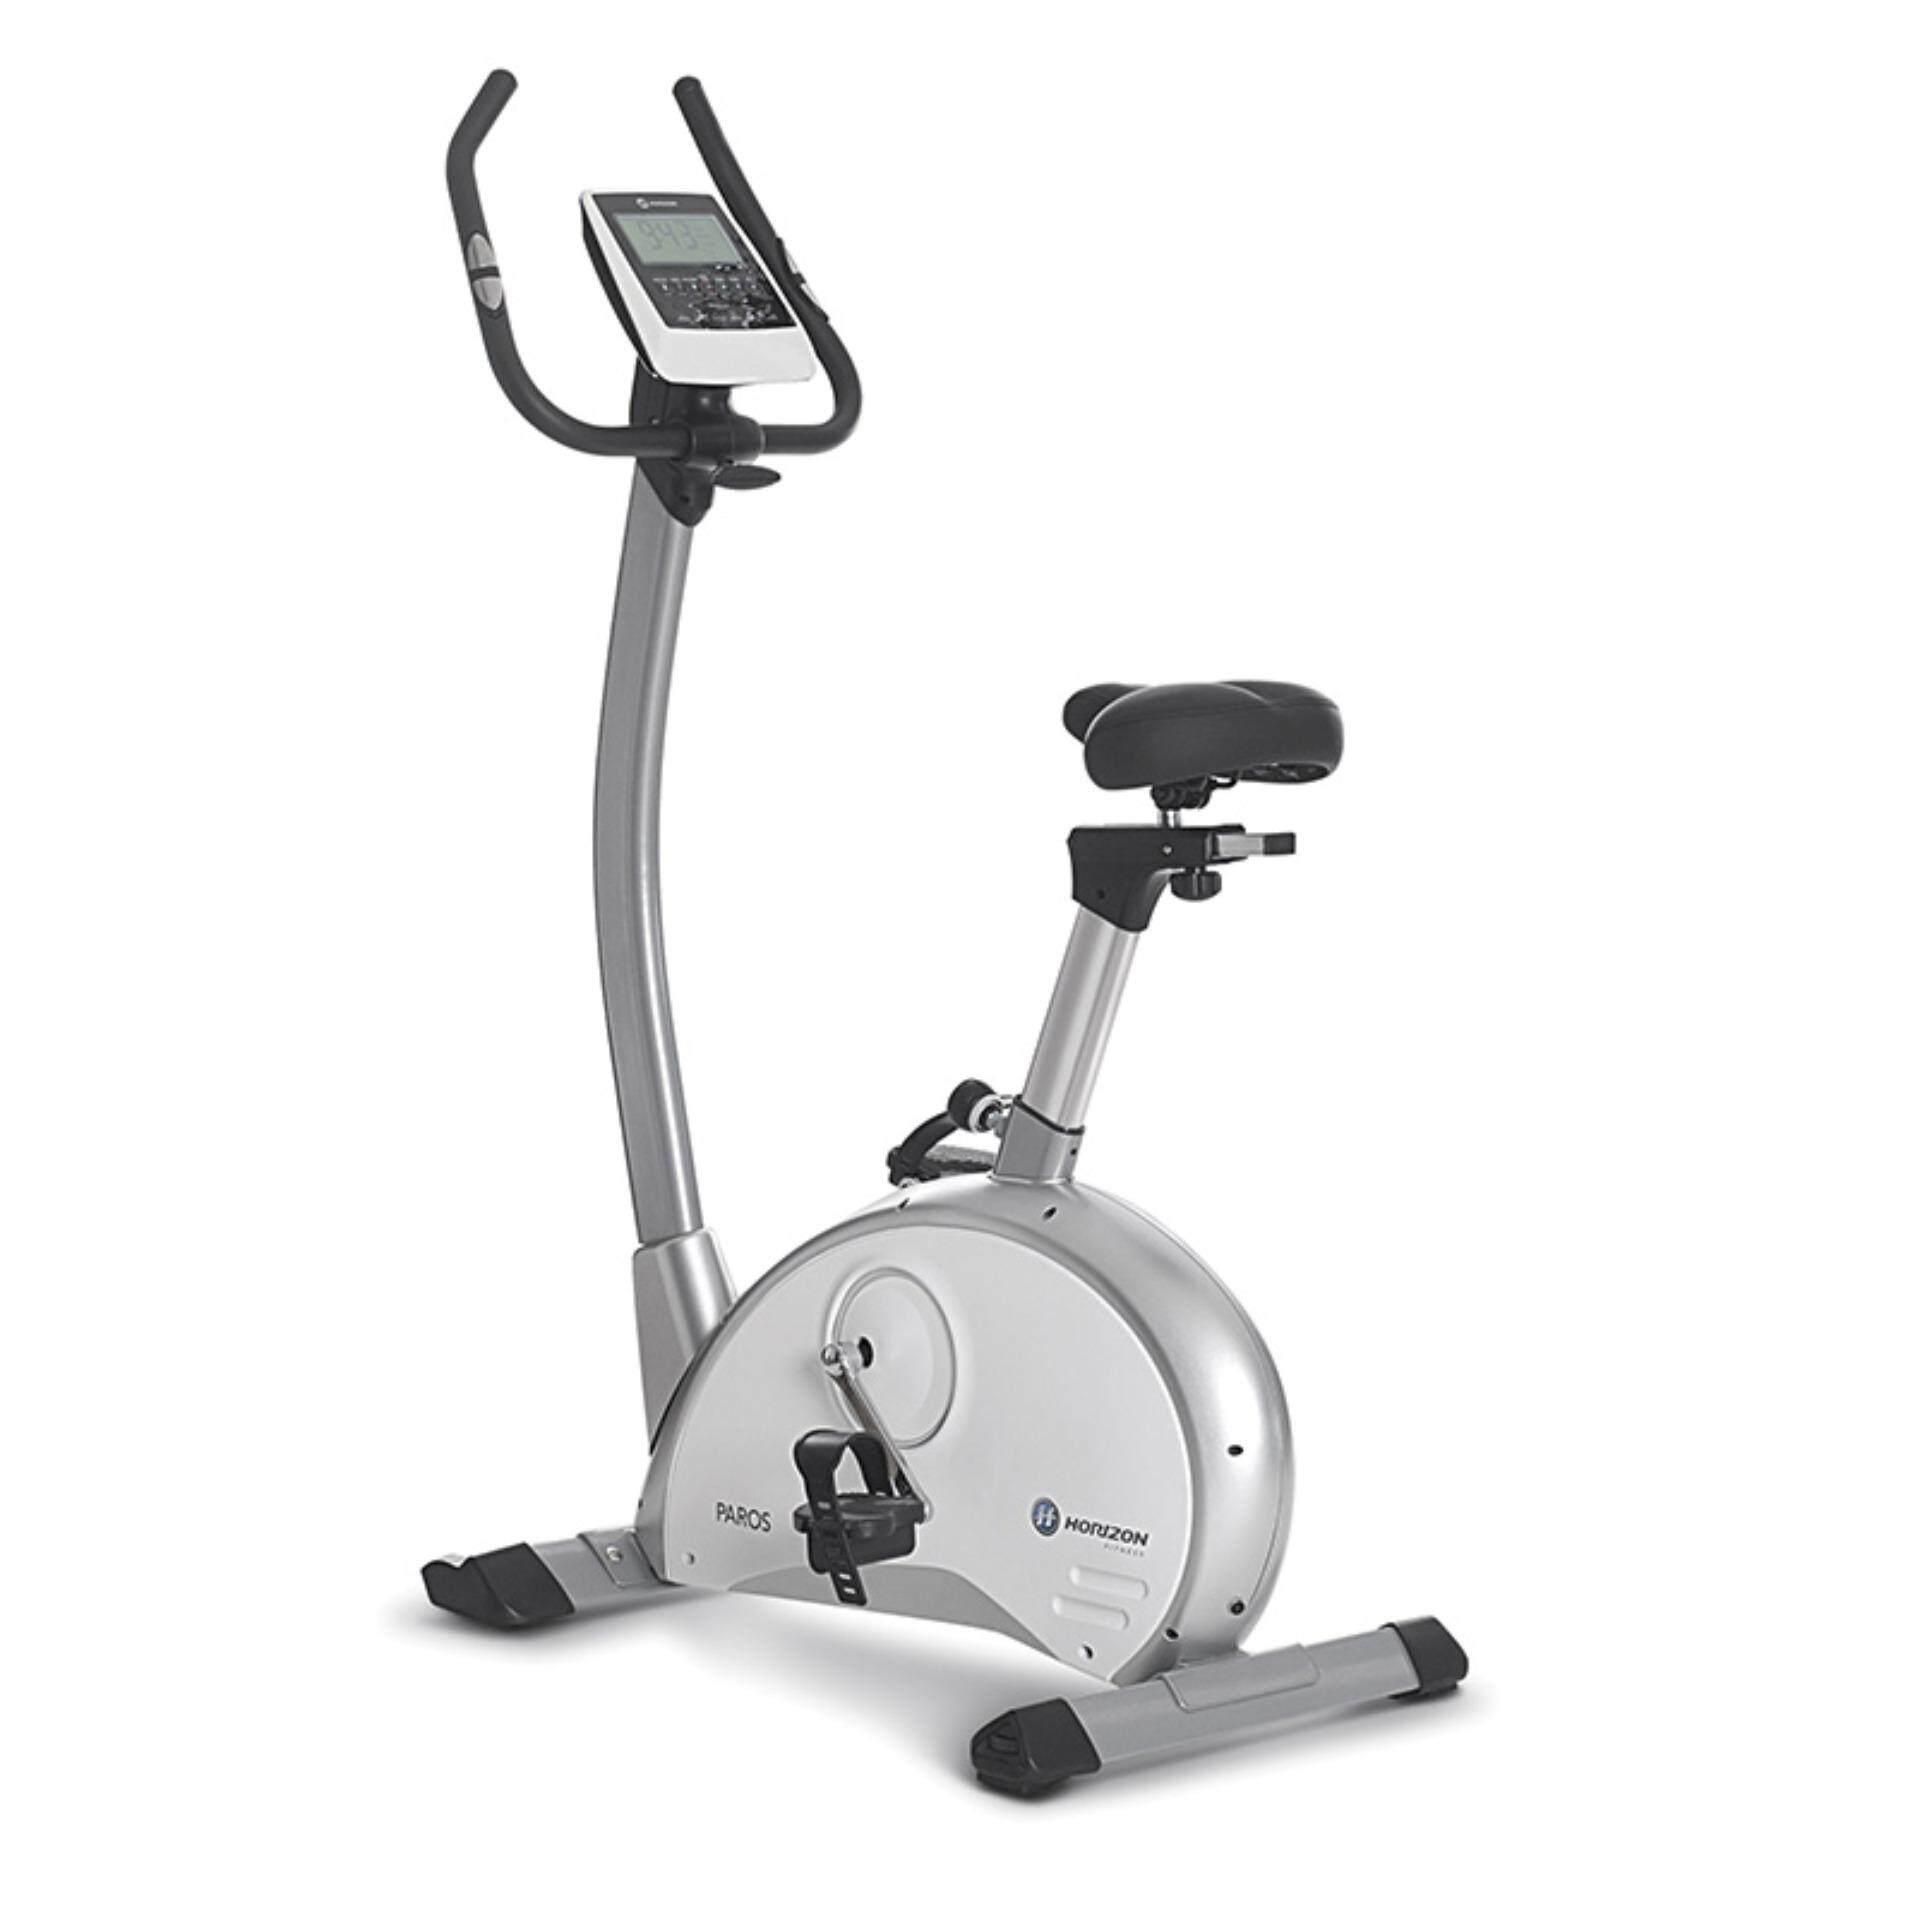 จักรยานออกกำลังกาย  Horizon รุ่น Johnson Health Tech-HCB0154-18(1) ลดราคามากกว่า -23%